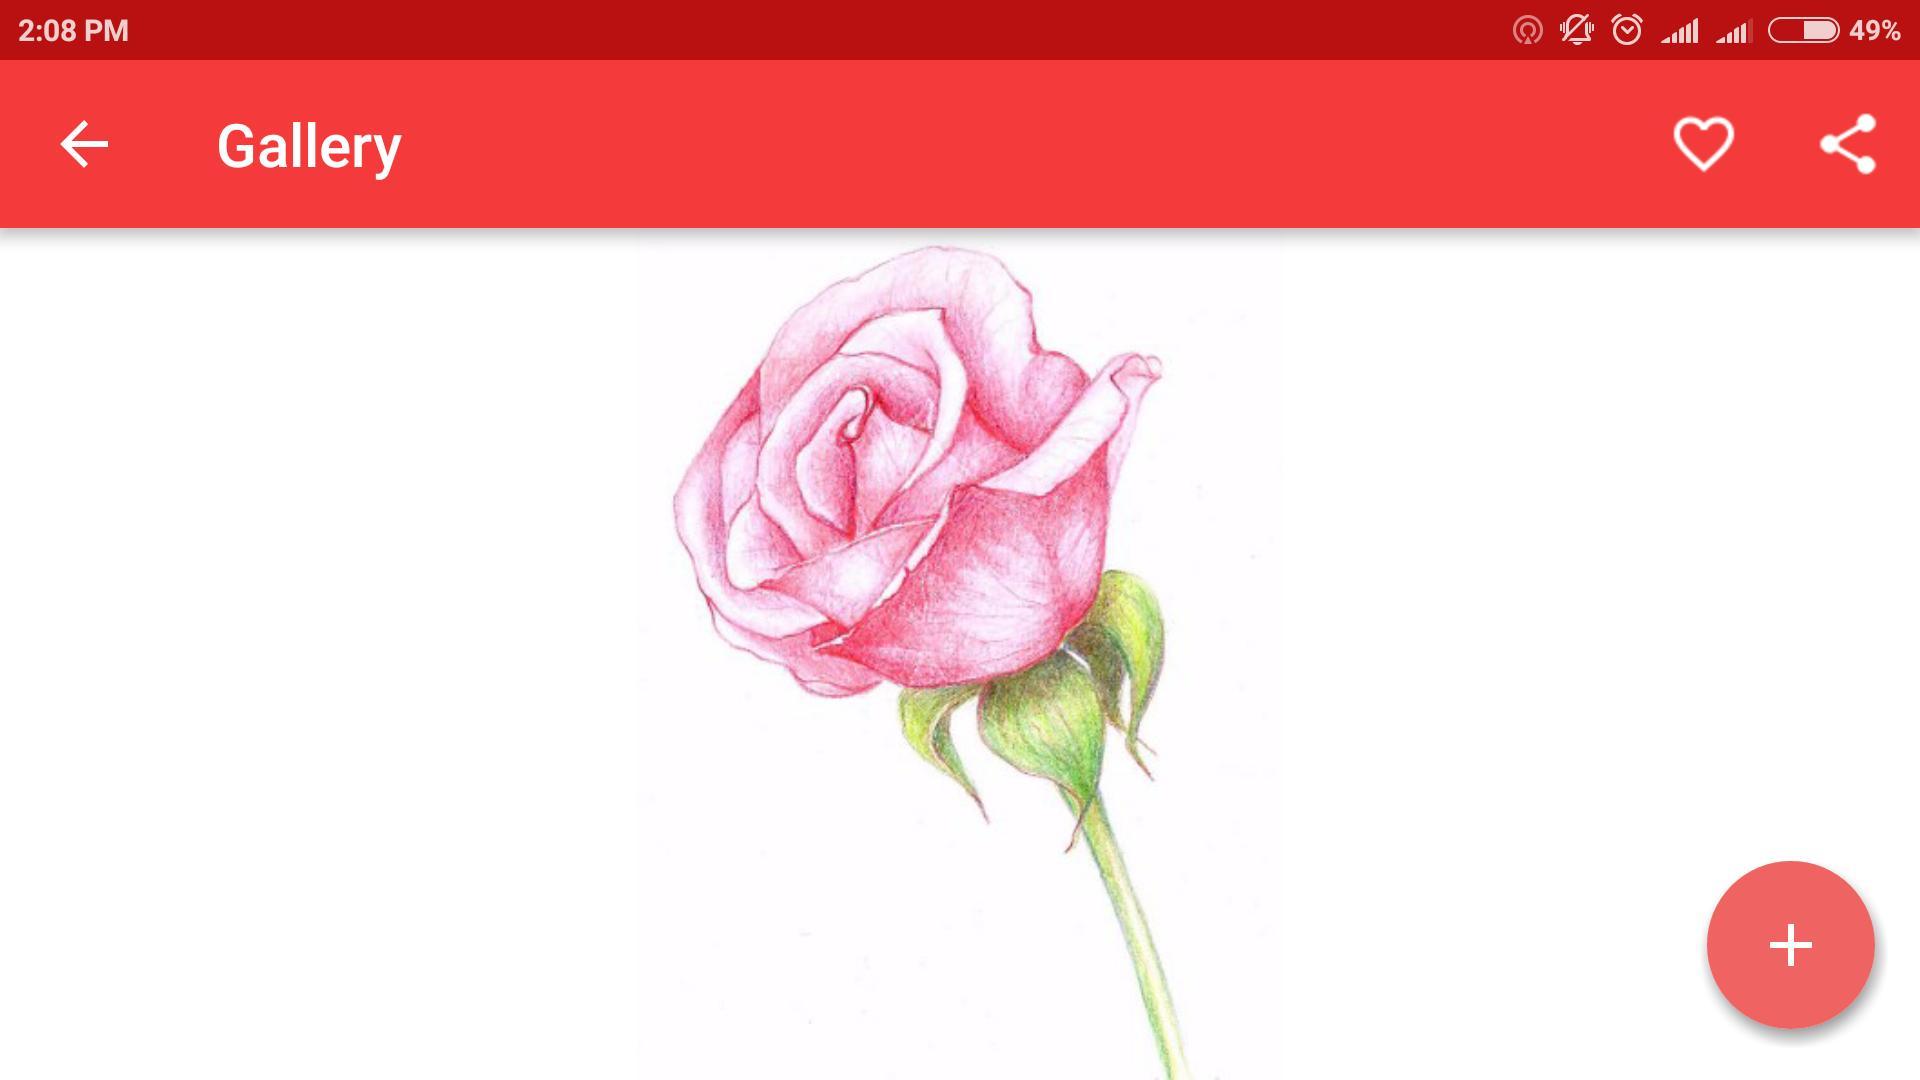 Sketsa Bunga Yang Mengagumkan For Android APK Download